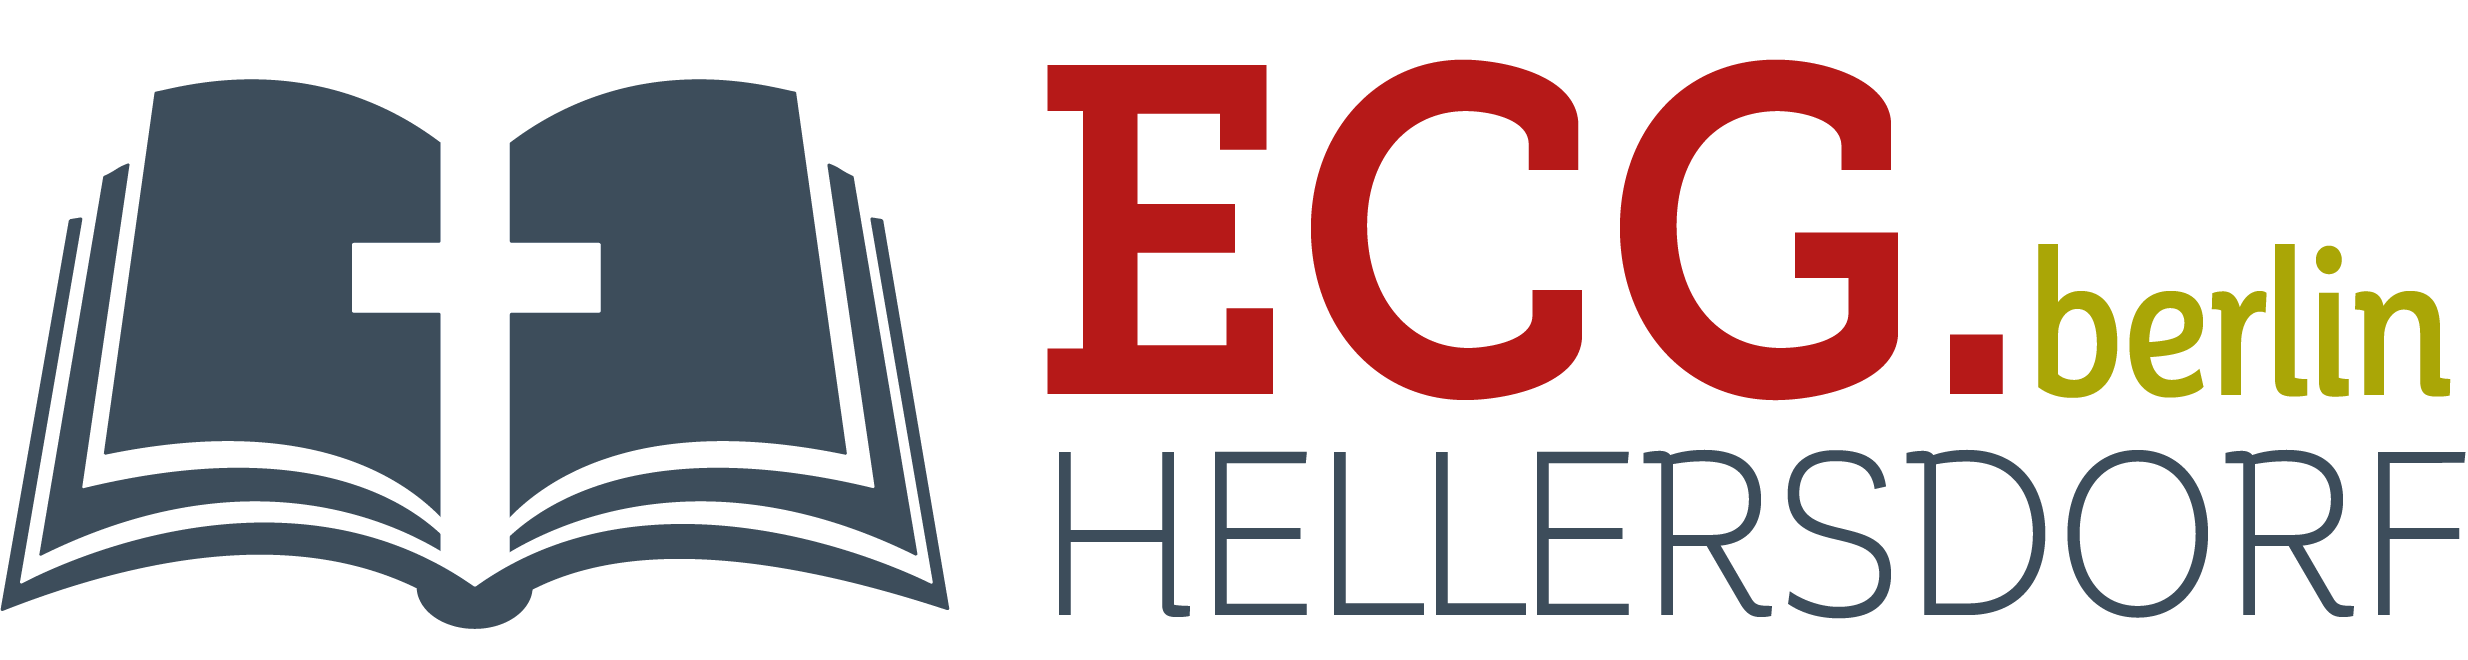 ECG Berlin Hellersdorf